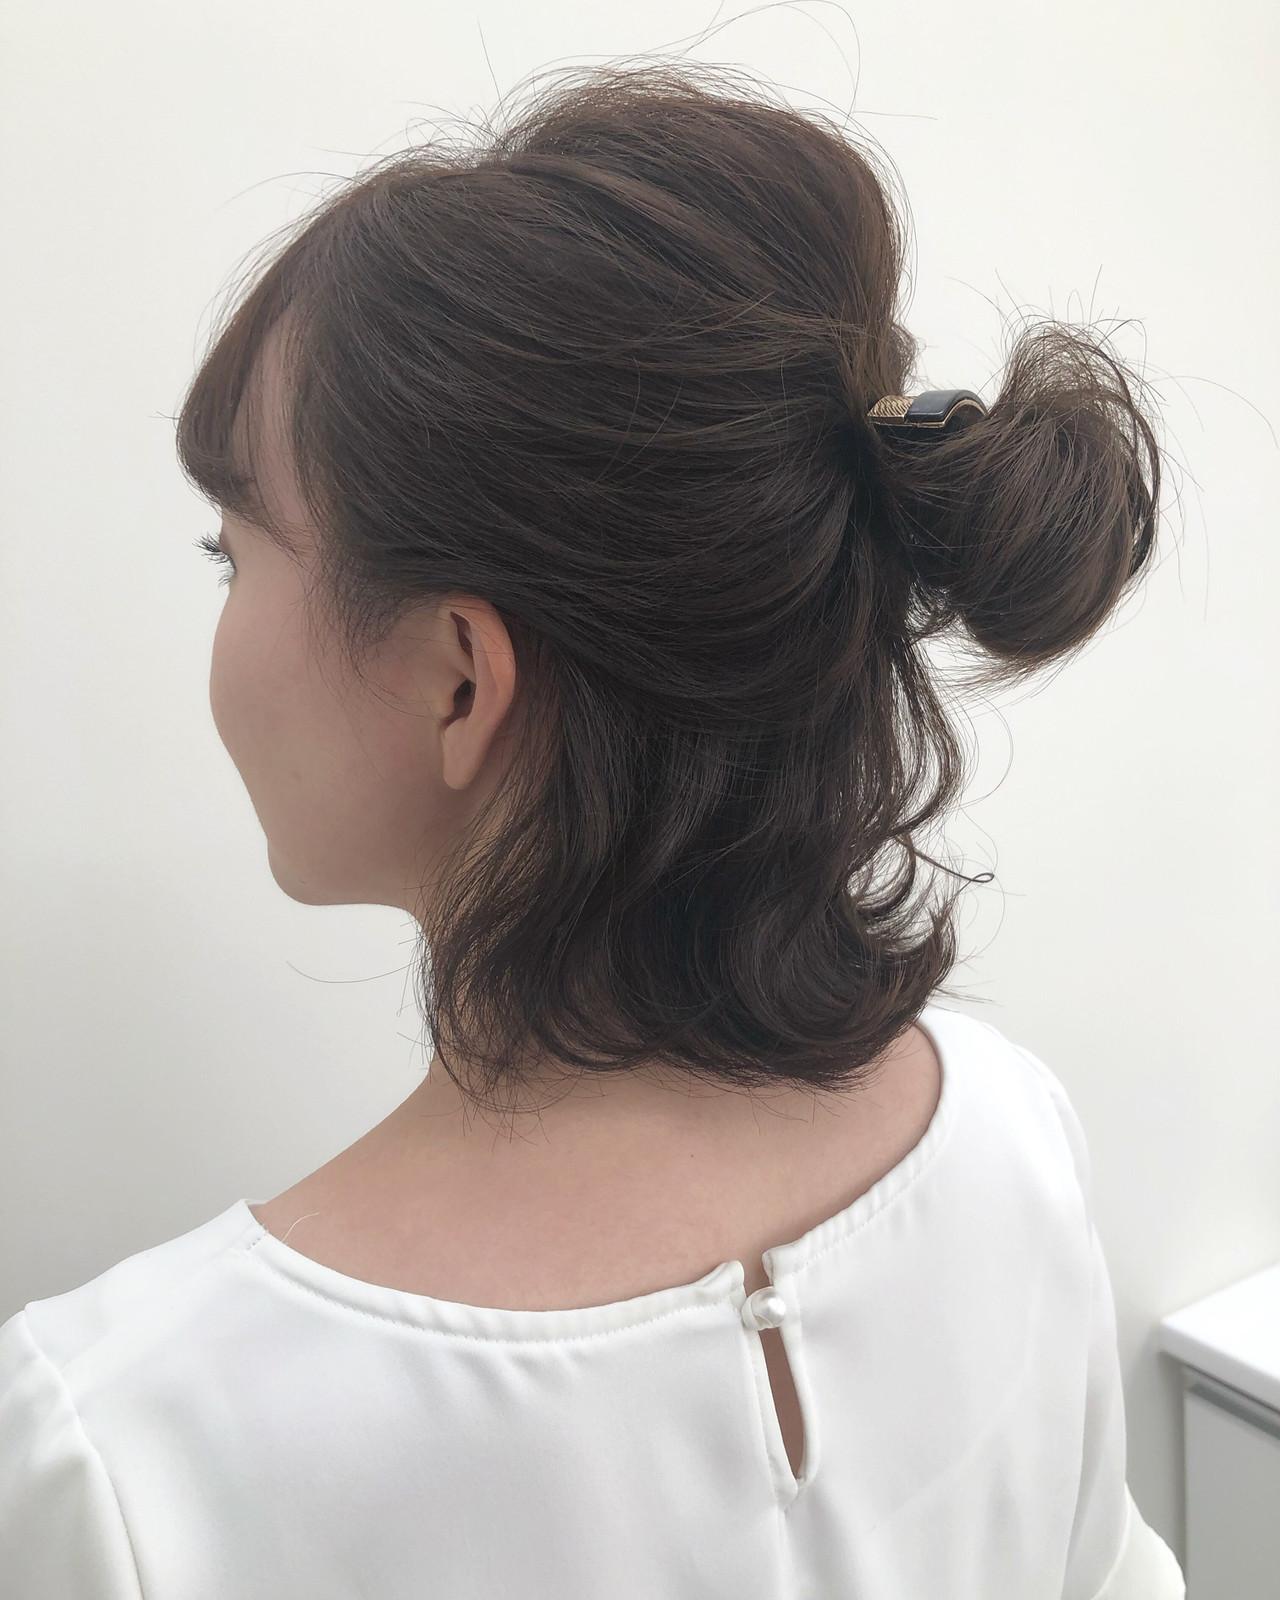 簡単ヘアアレンジ ヘアアレンジ ボブアレンジ ガーリー ヘアスタイルや髪型の写真・画像